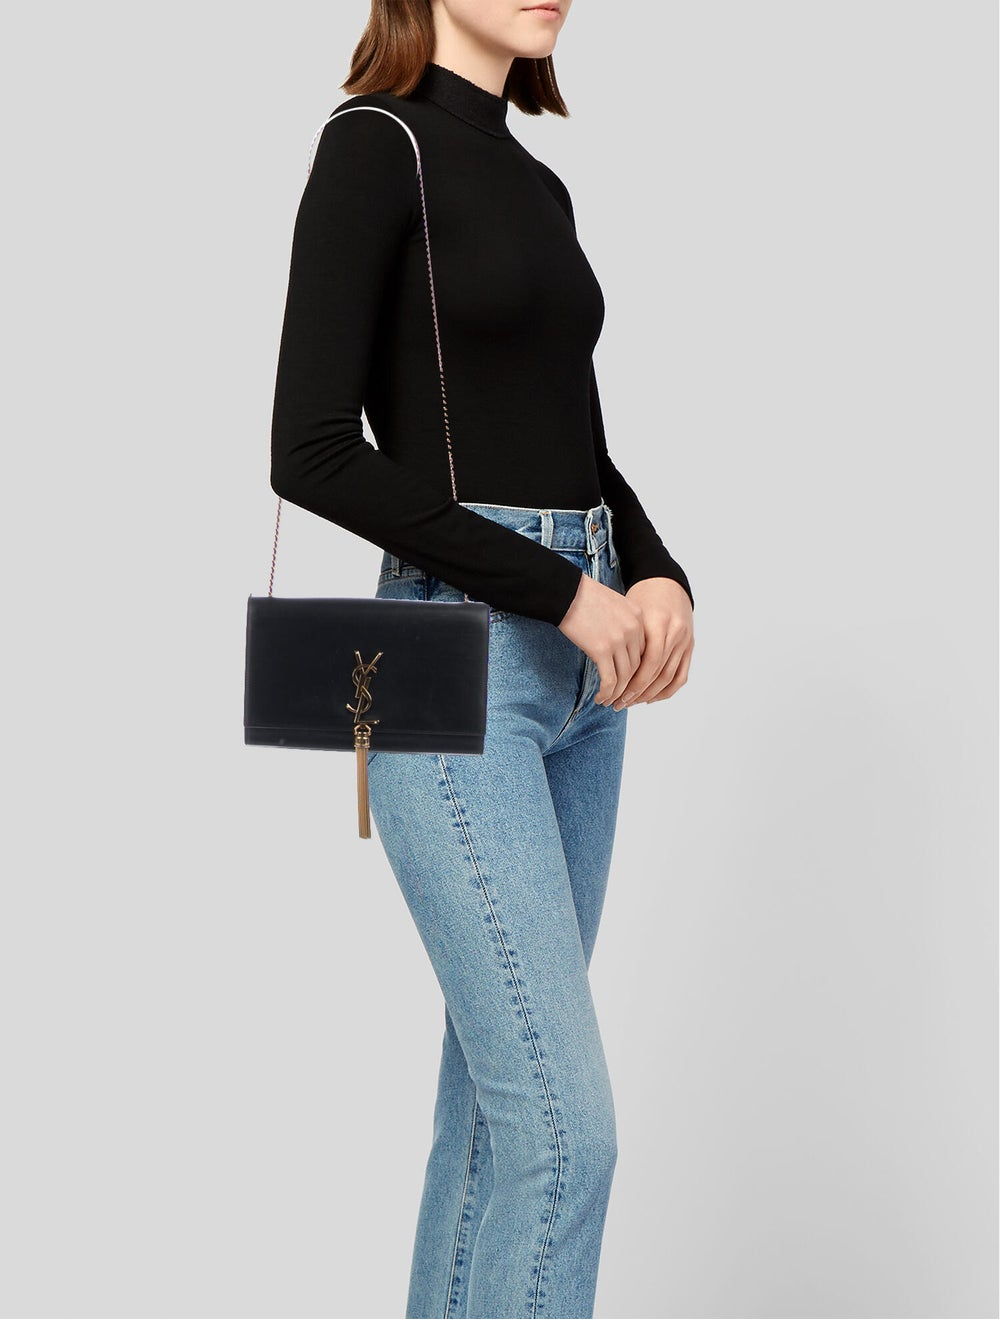 Saint Laurent Kate Tassel Small Bag Black - image 2